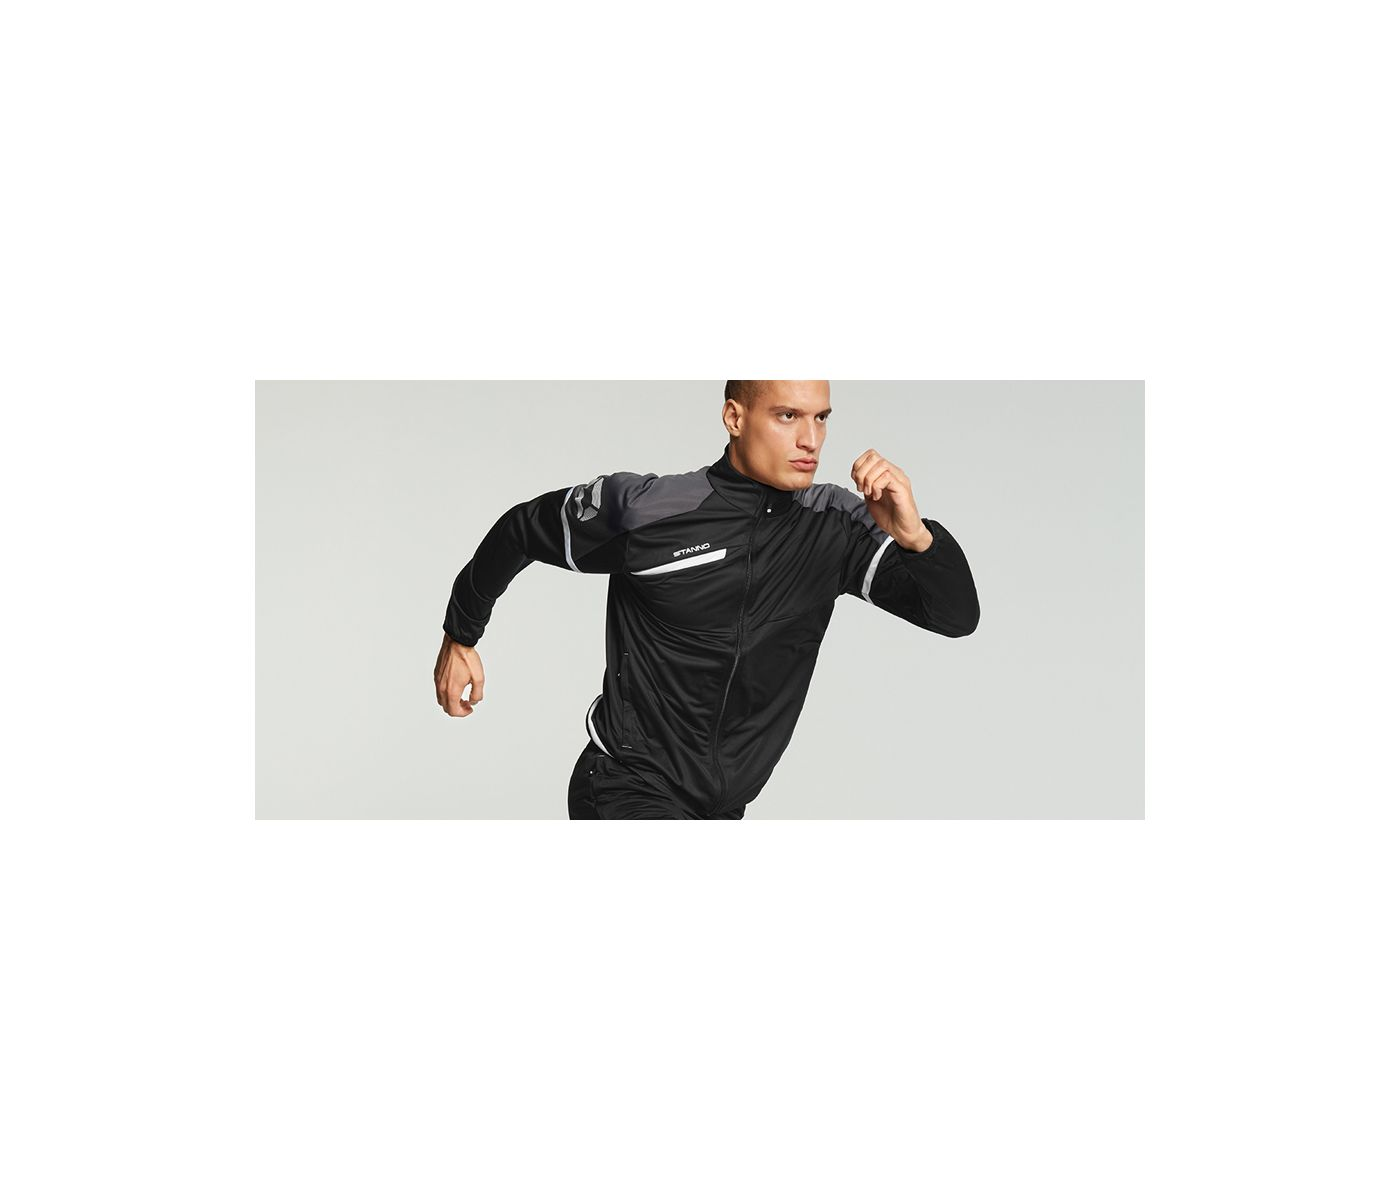 stade_sportkleding_trainingspakken